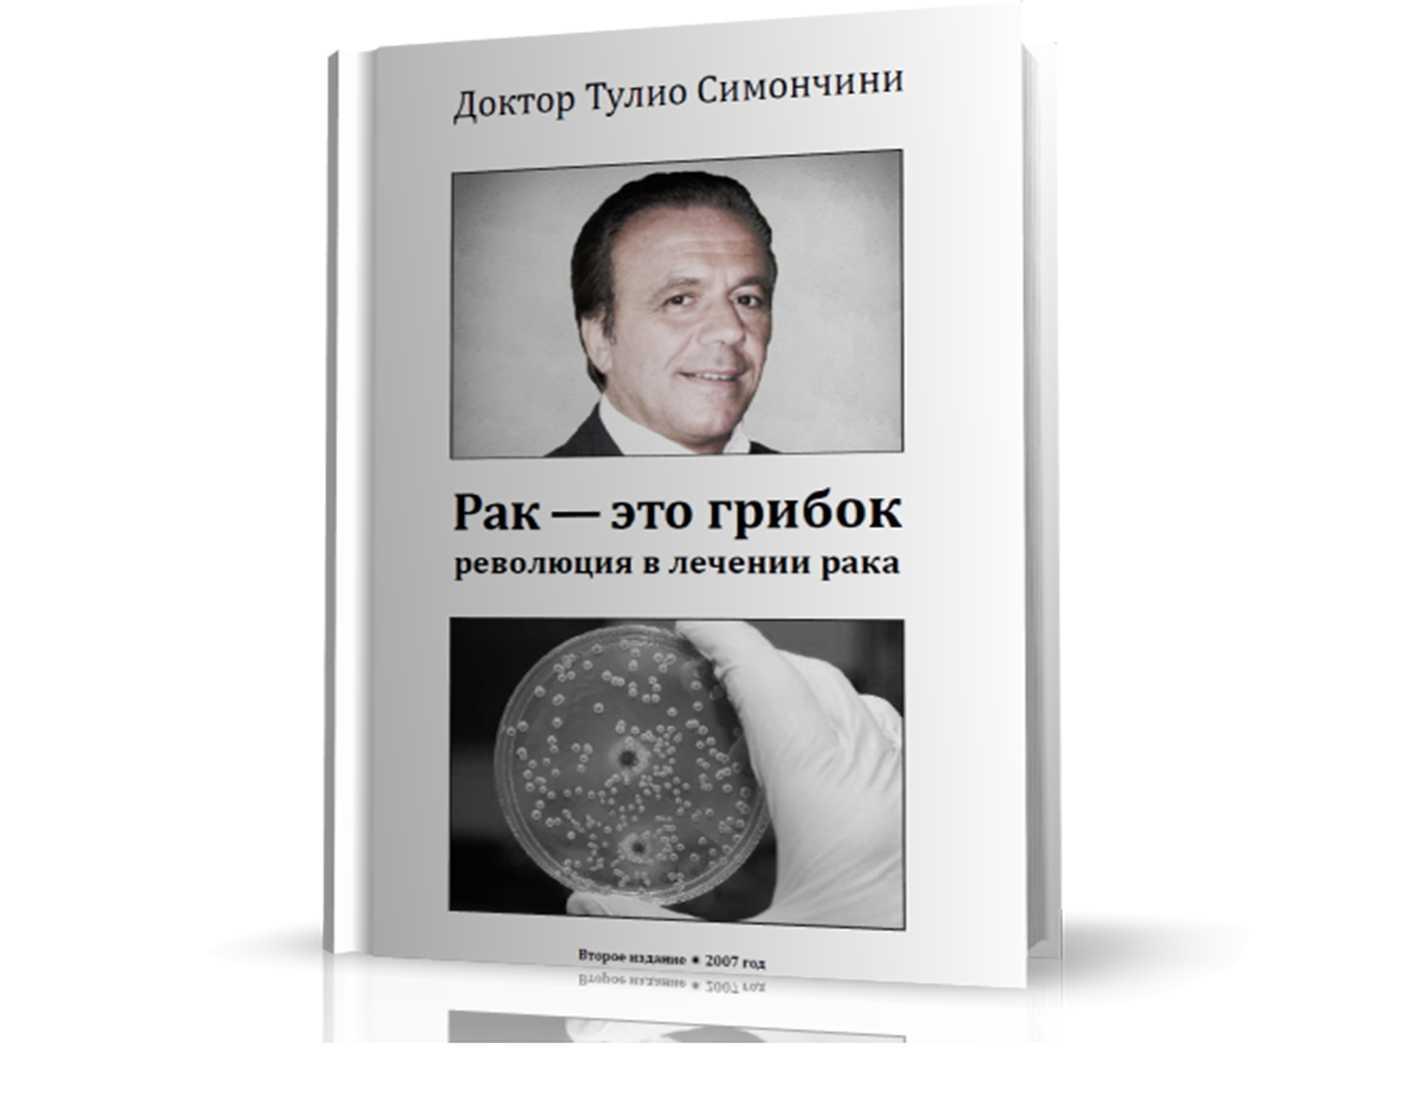 рак это грибок Тулио Симончили